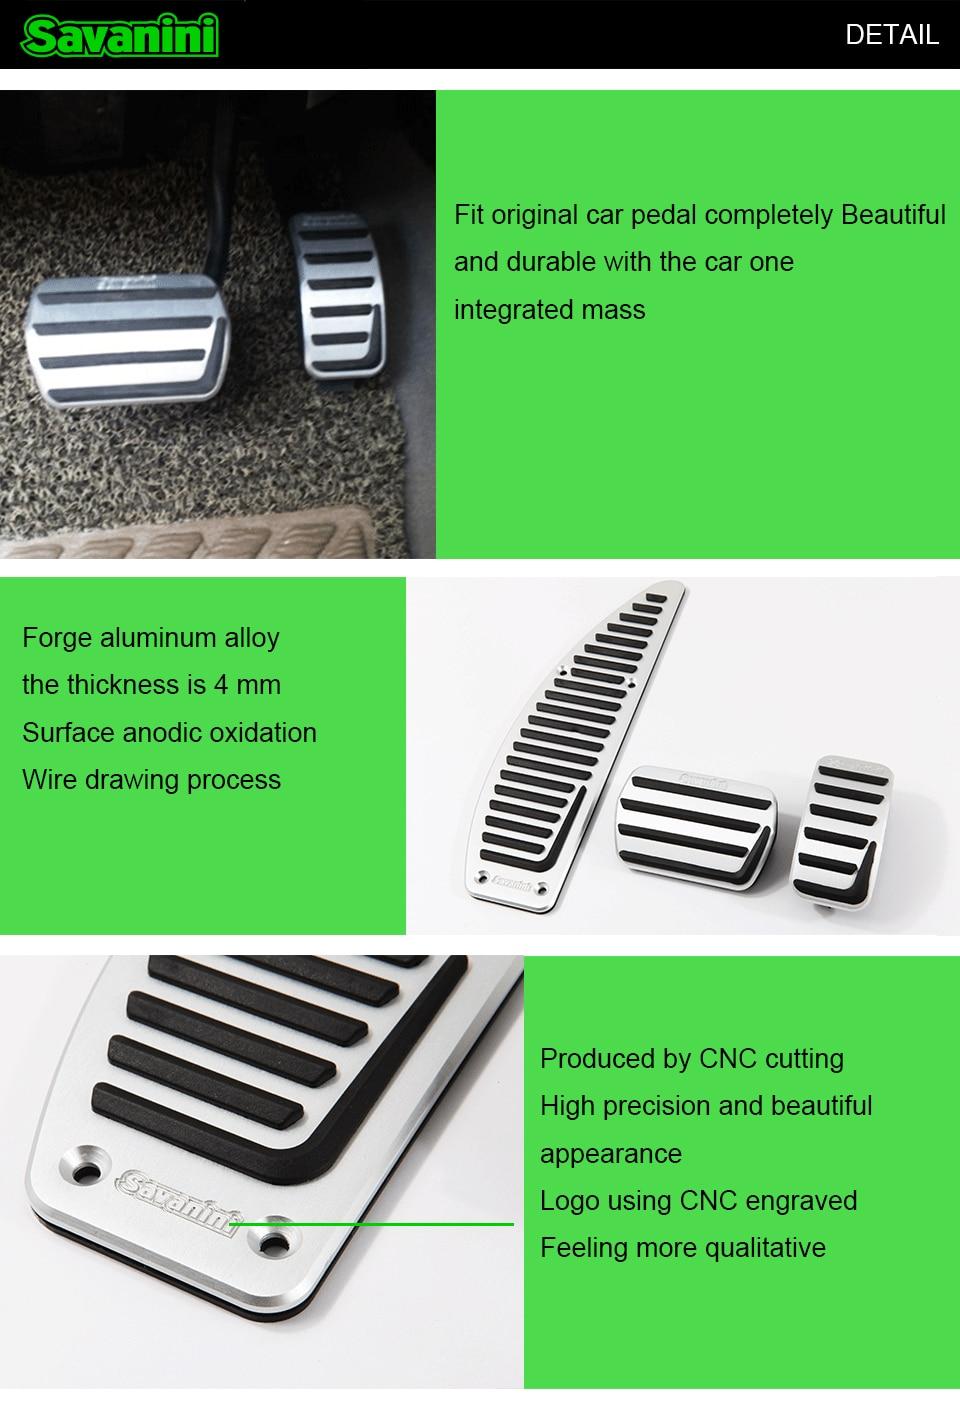 Подставка для ног автомобиля, педаль газа, педаль акселератора, Накладка для Volvo V40 S40 C30, автомобильные автомобили, без бурения, алюминиевый сплав, Стайлинг, нескользящая